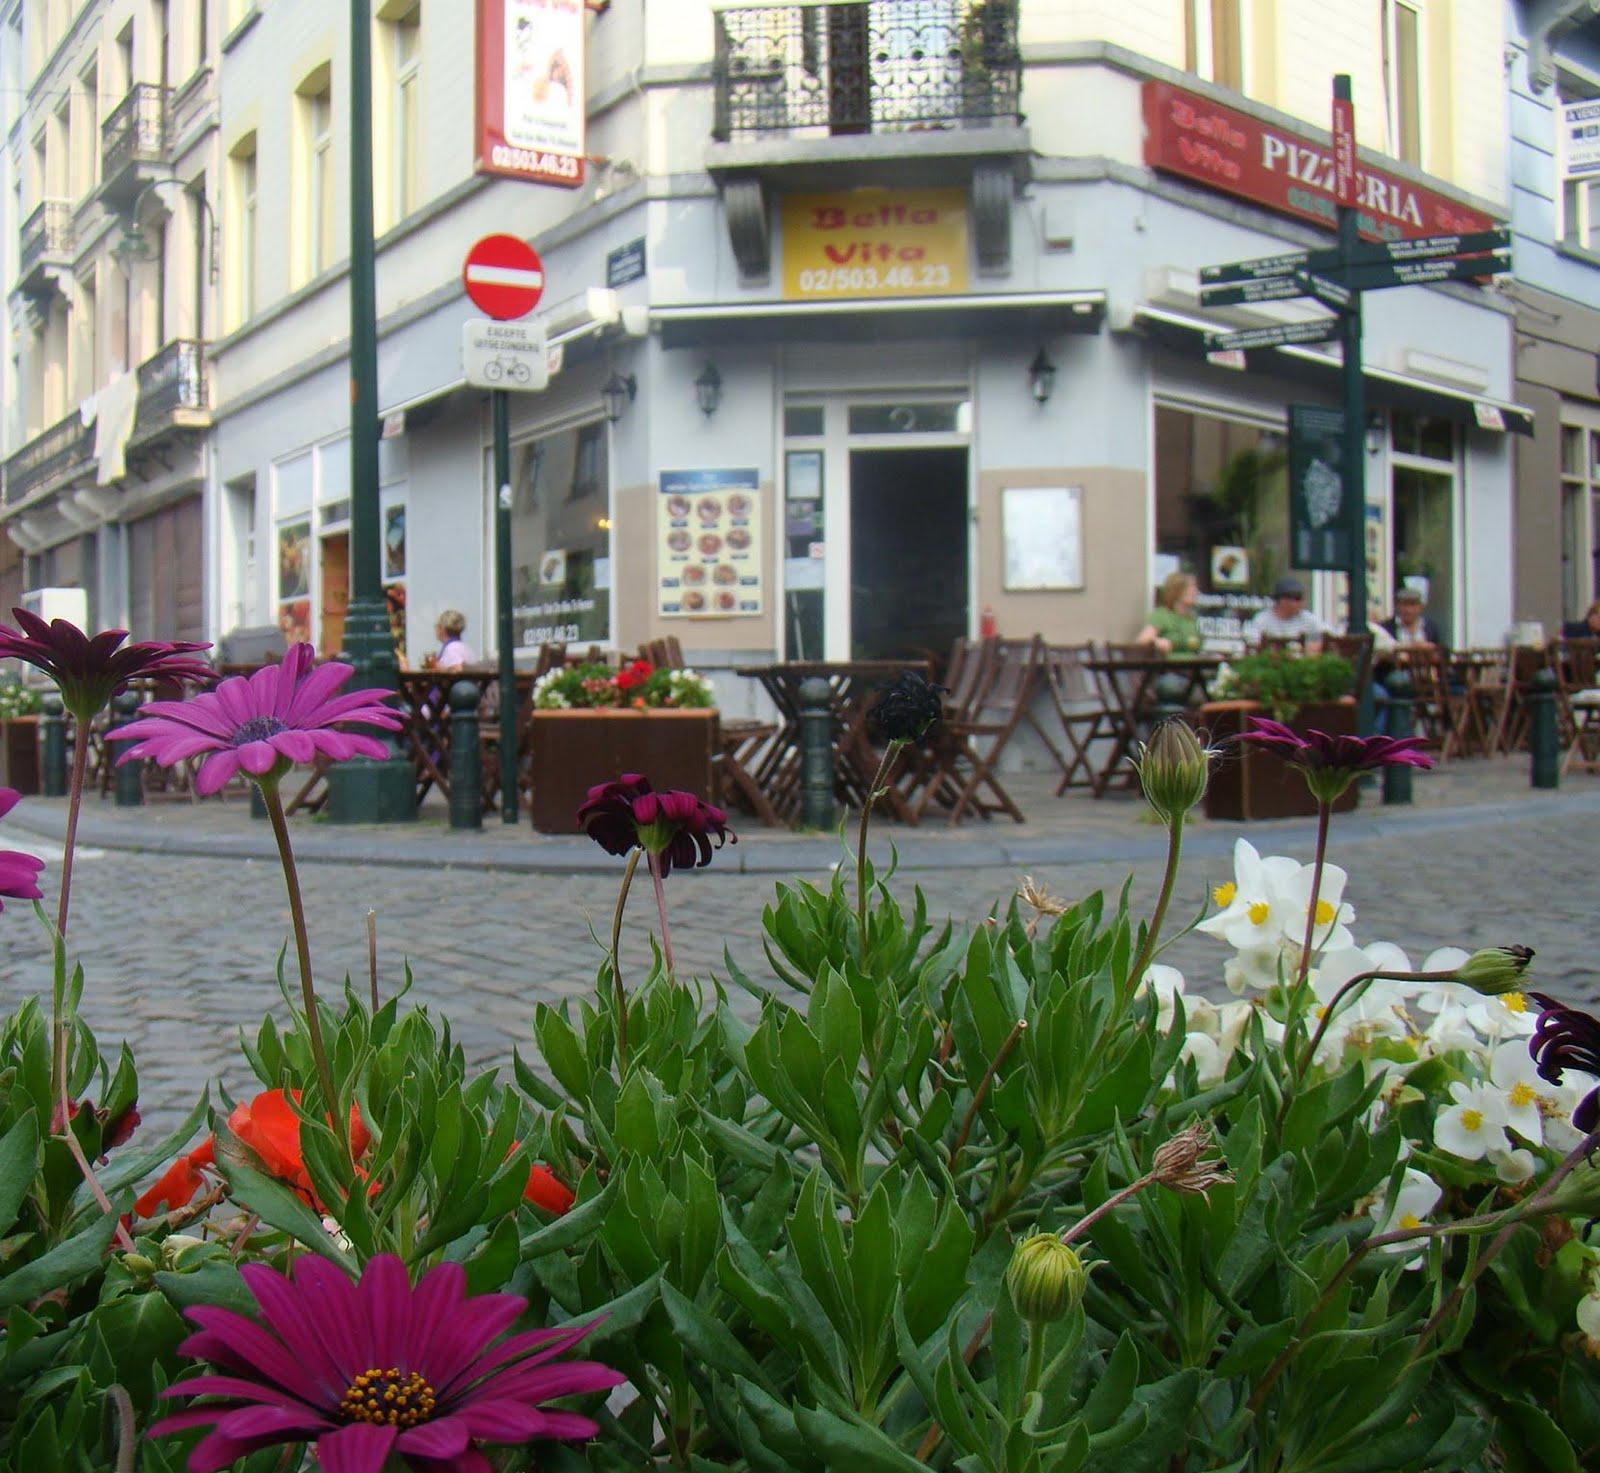 Pizzeria bella vita place jardin aux fleurs for Jardin aux fleurs